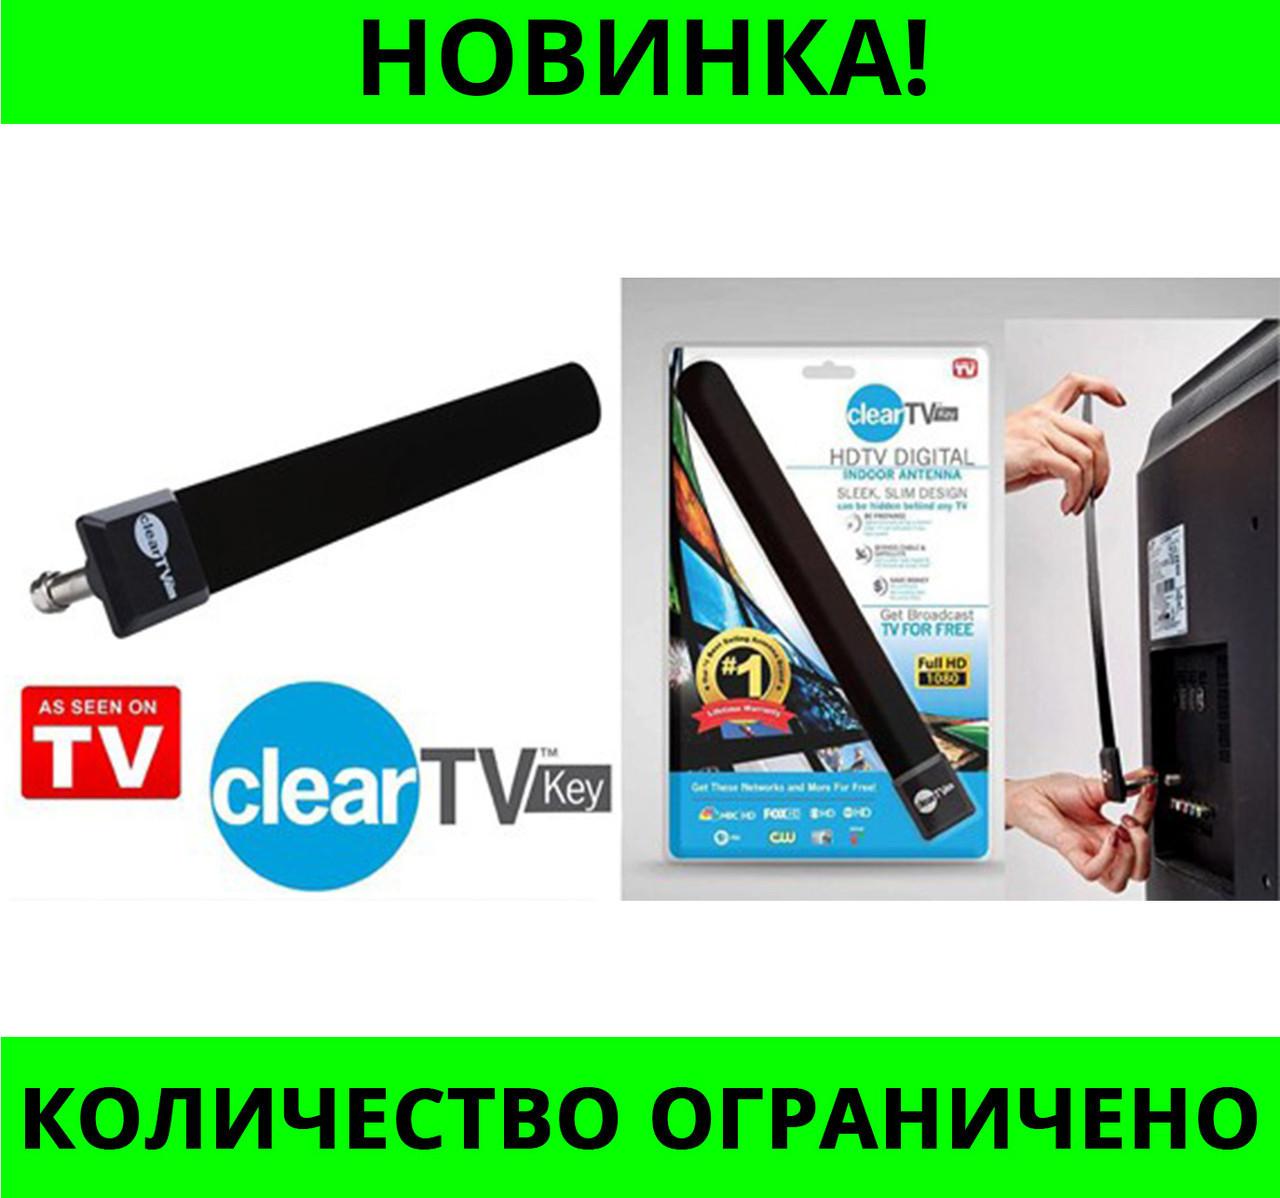 Цифровая антенна Clear TV Key HDTV!Хит цена